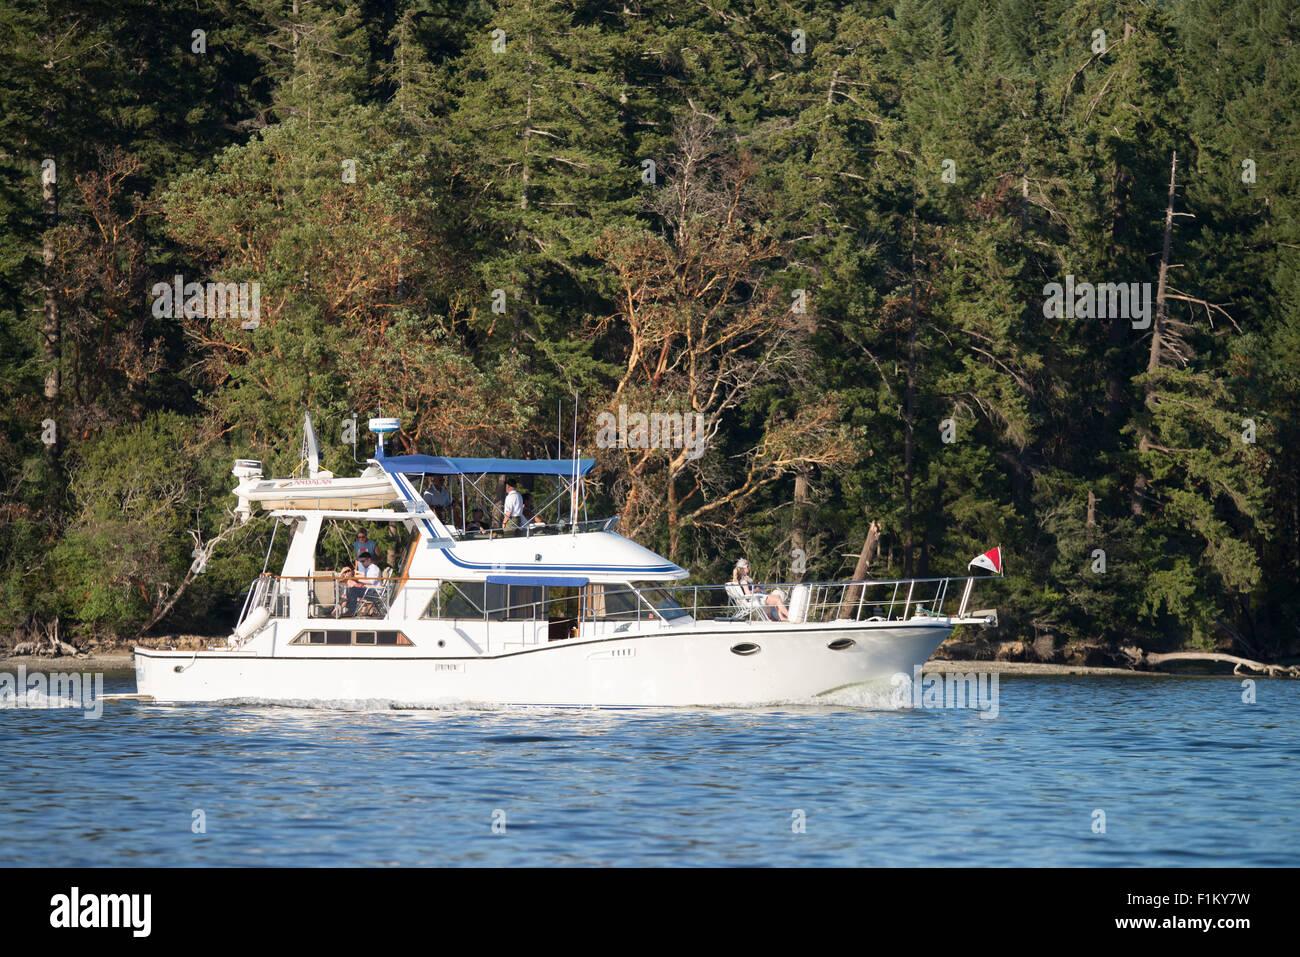 Power boat cruising along Hope Island Marine State Park, Puget Sound, State of Washington, USA - Stock Image